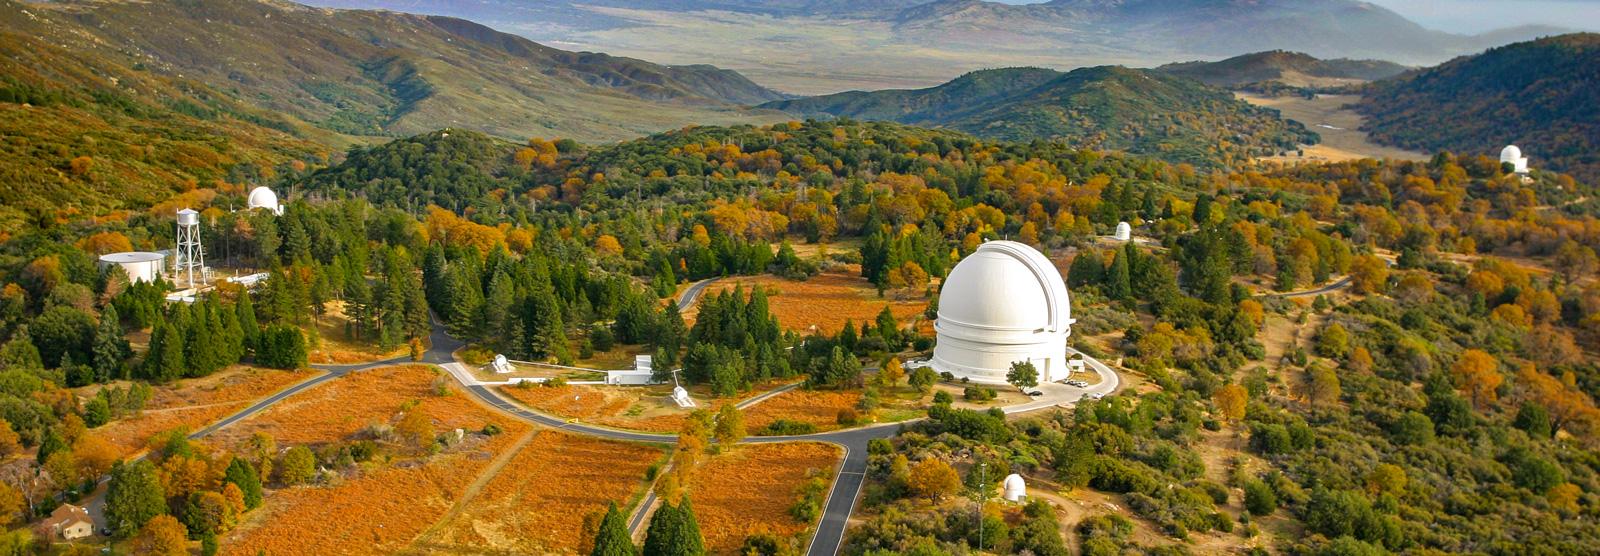 [Image: ObservatoryAerialCover.jpg]